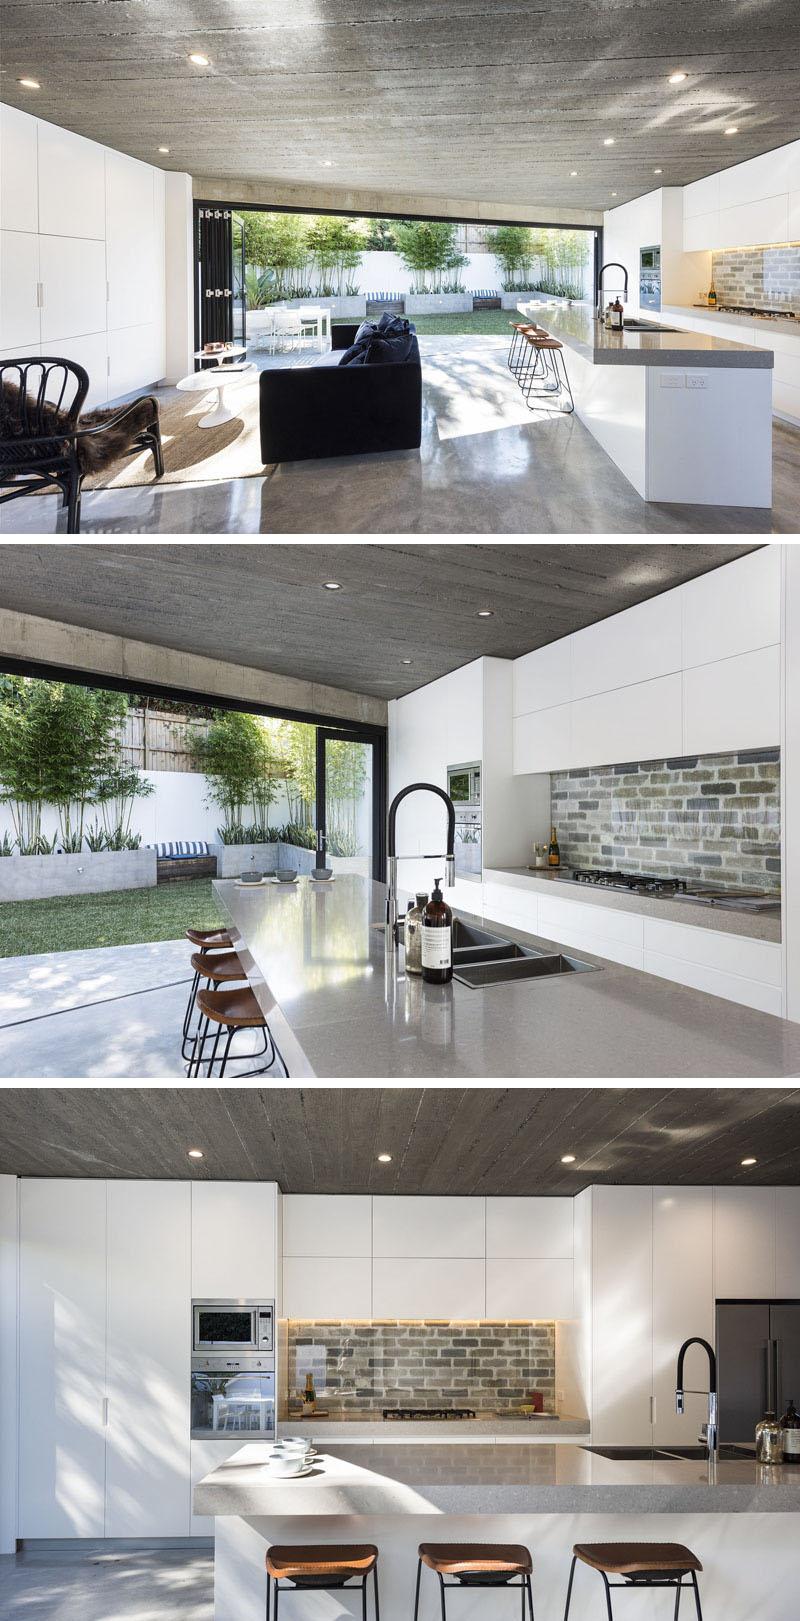 - Modern-white-kitchen-glass-brick-backsplash-300817-536-06